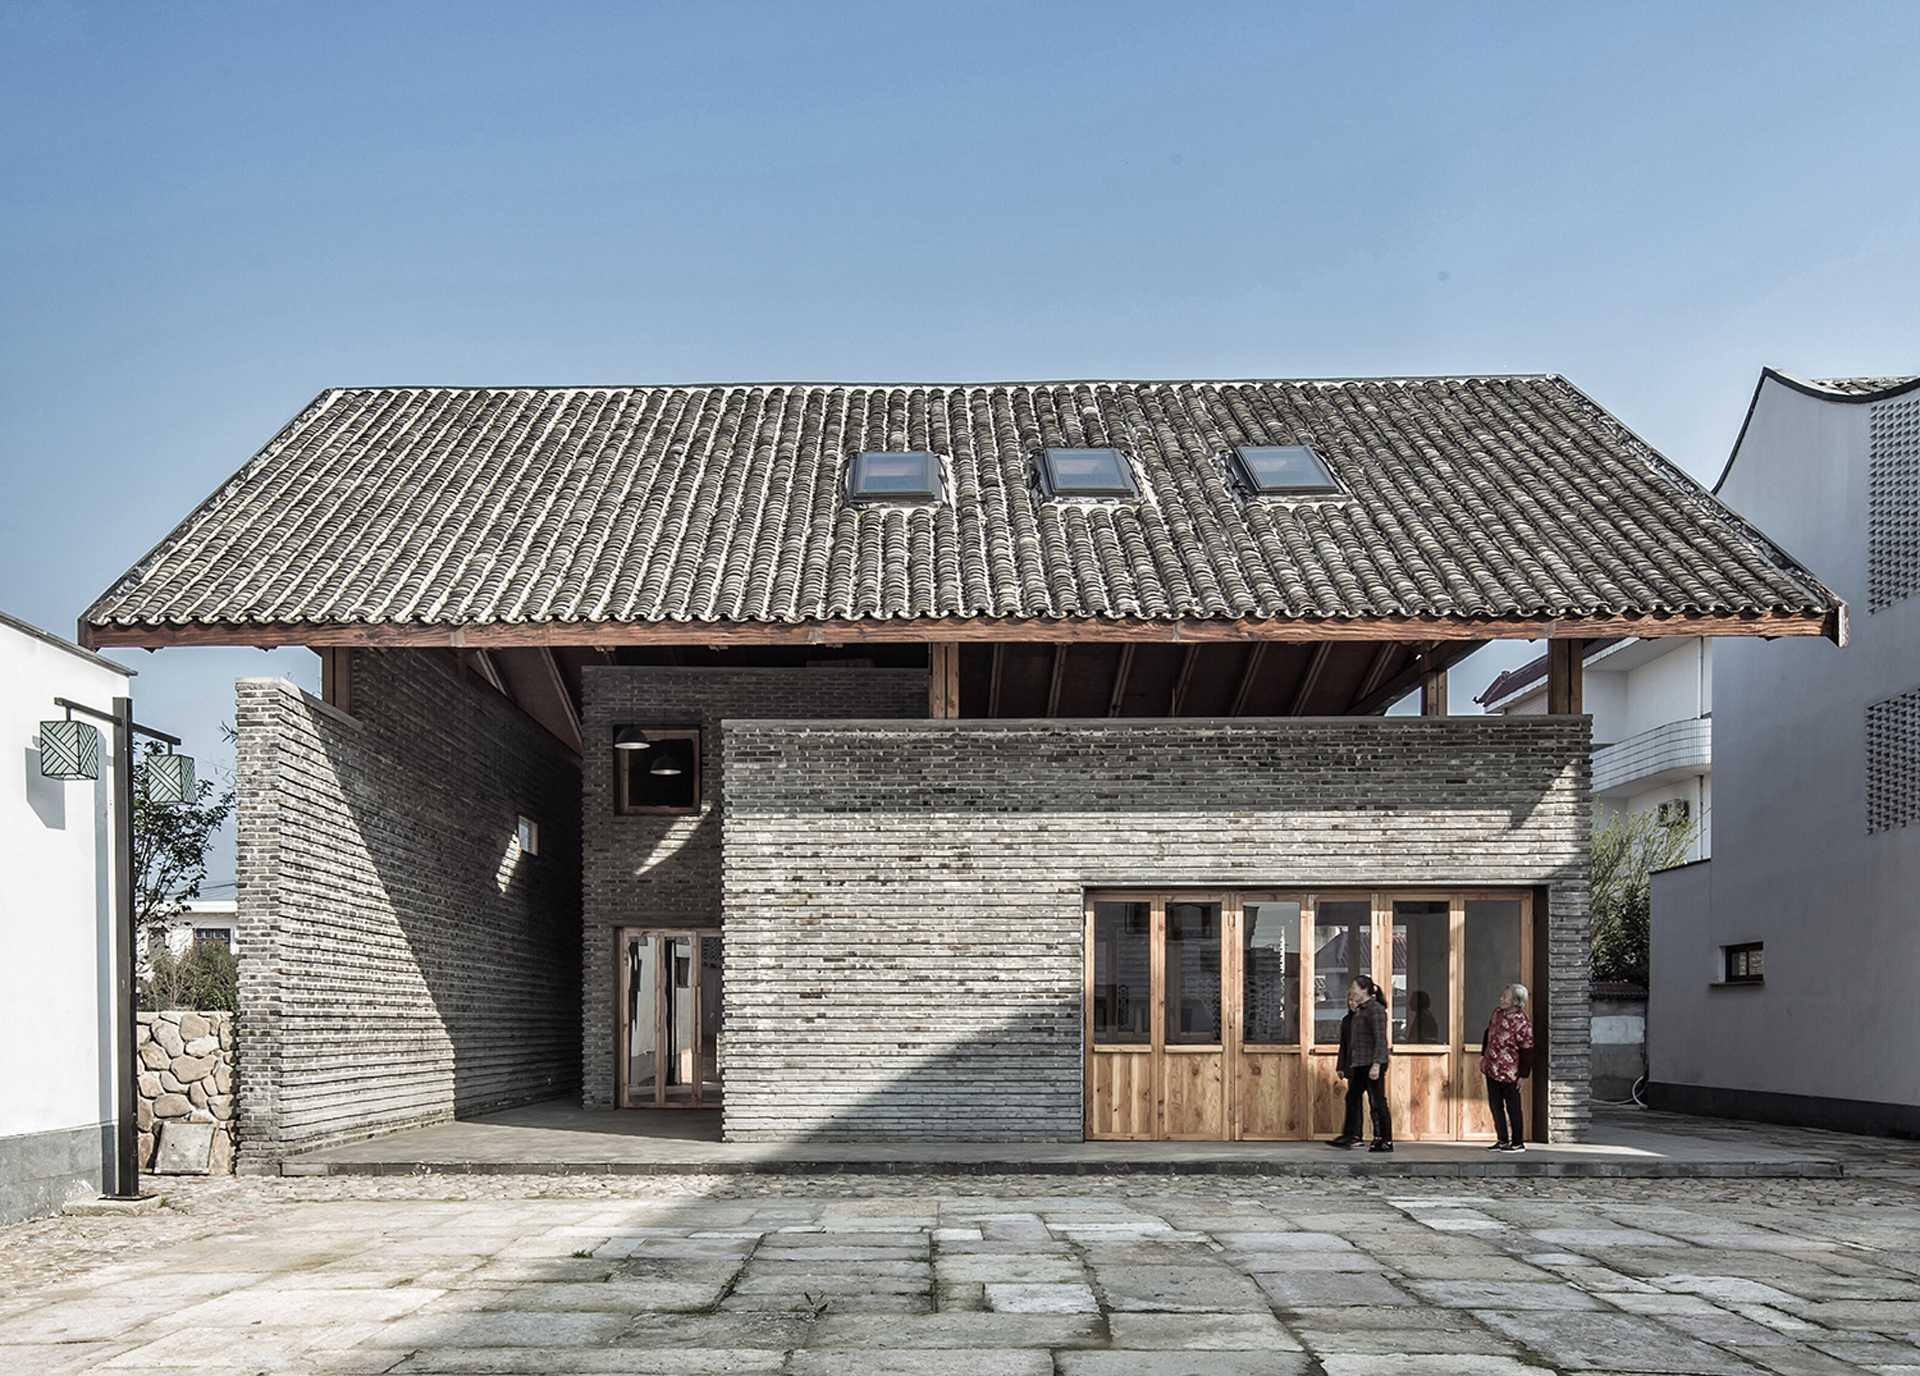 Centro comunitario en Dongziguan  - 01 fuyang 31